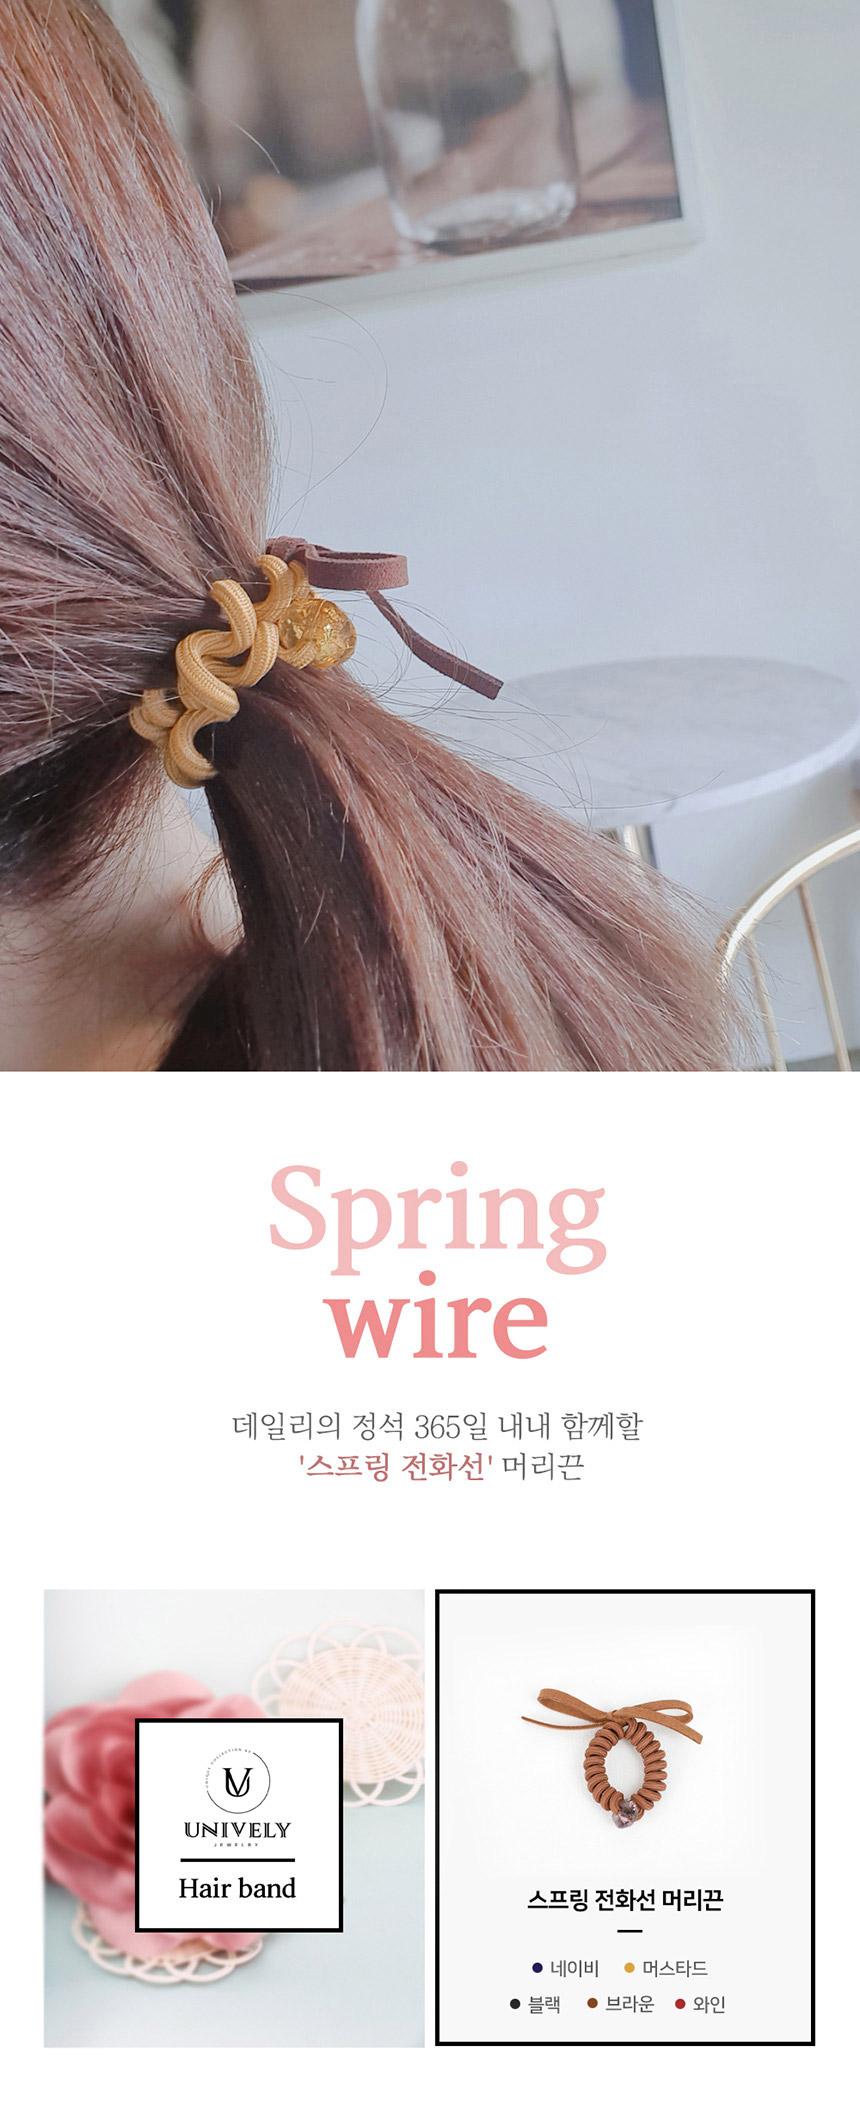 스프링 전화선 머리끈 헤어끈 - 링코, 2,950원, 헤어핀/밴드/끈, 헤어핀/끈